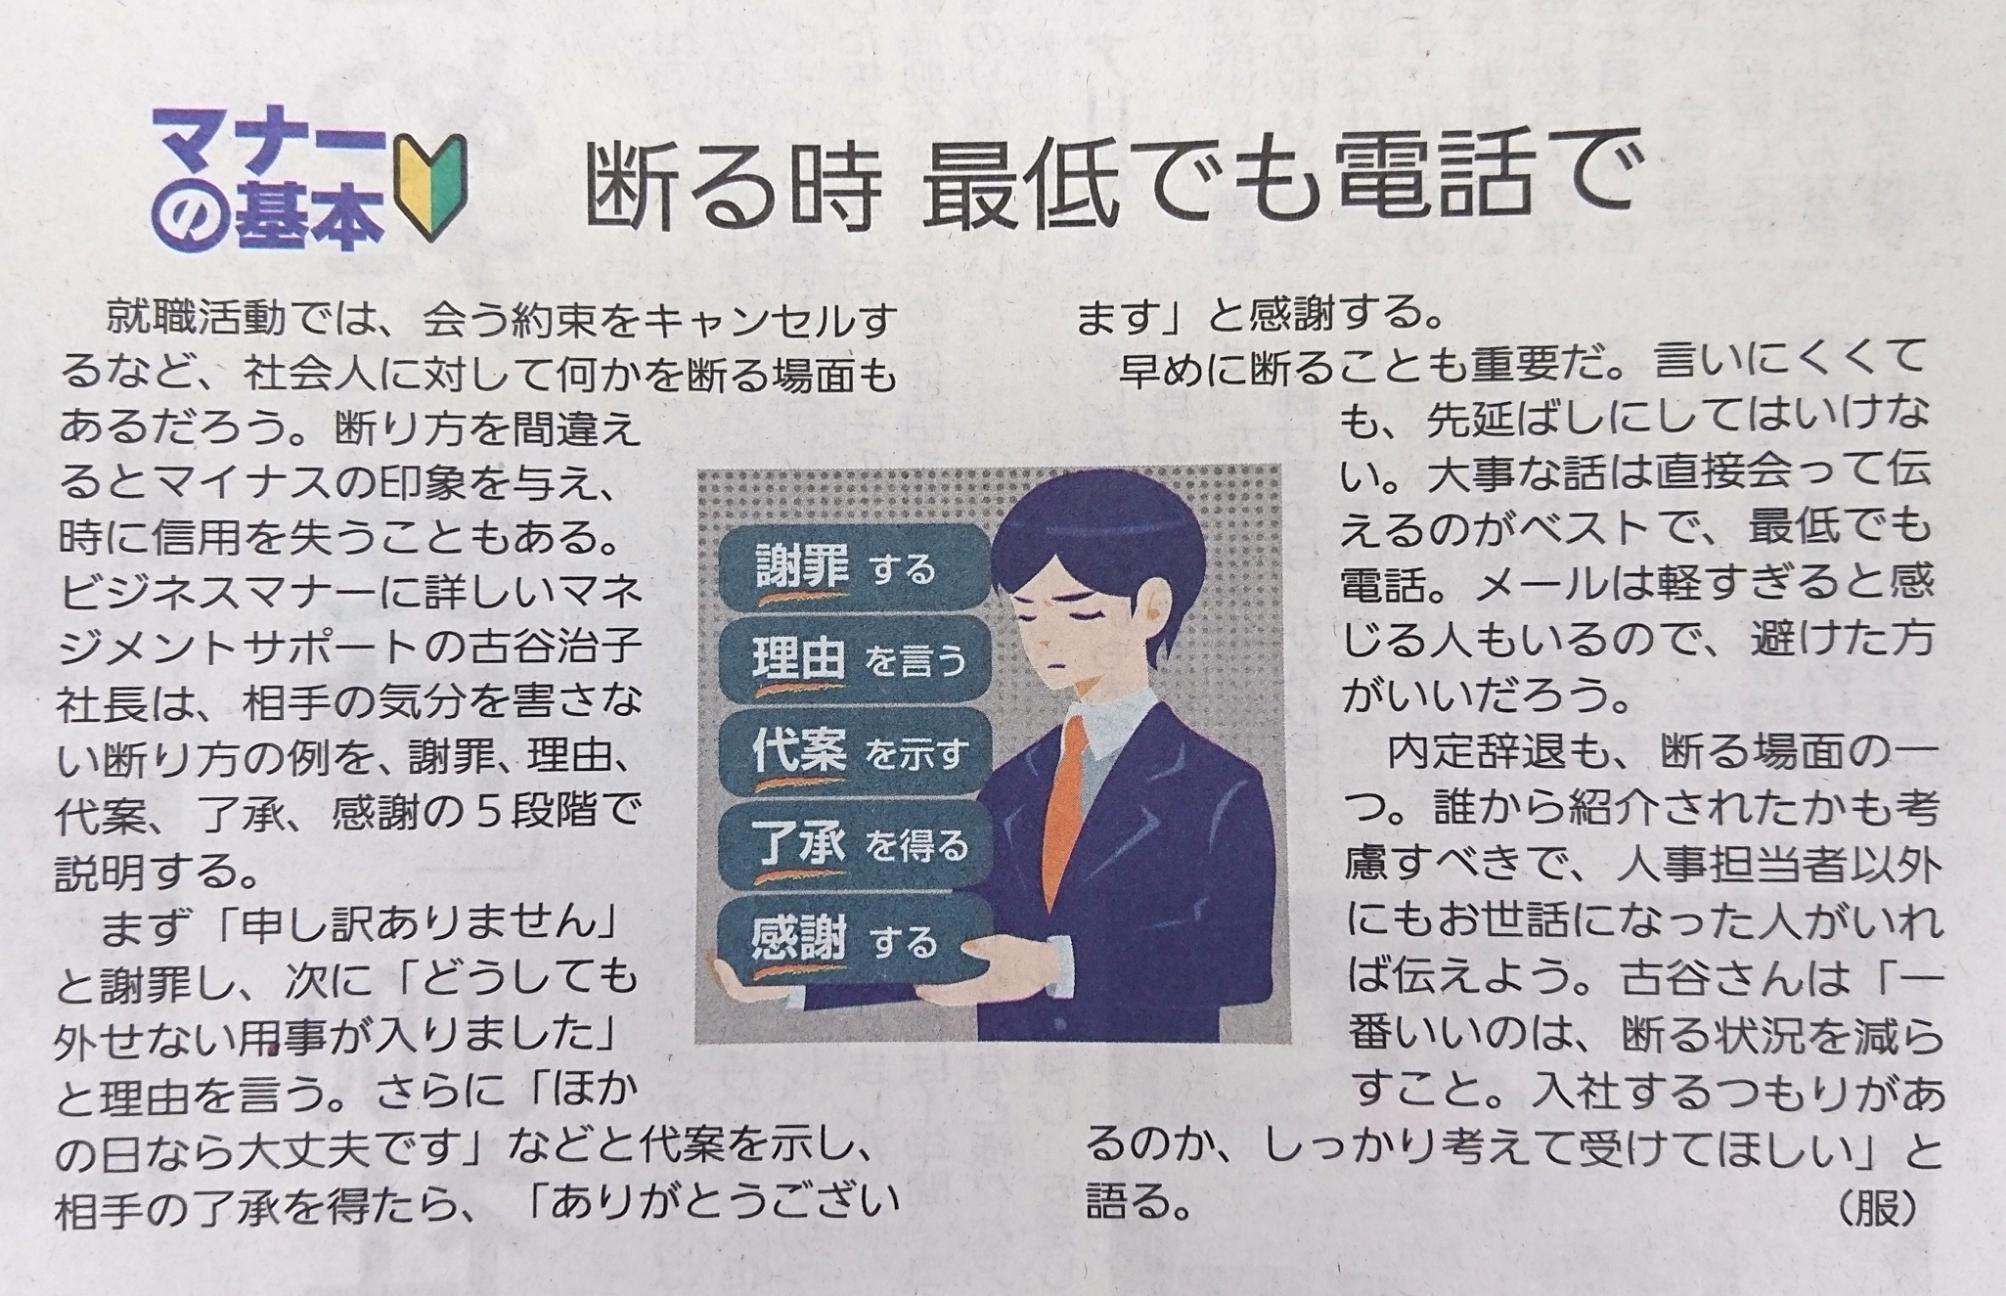 読売新聞<就活ON!>マナーの基本「断る時 最低でも電話で」